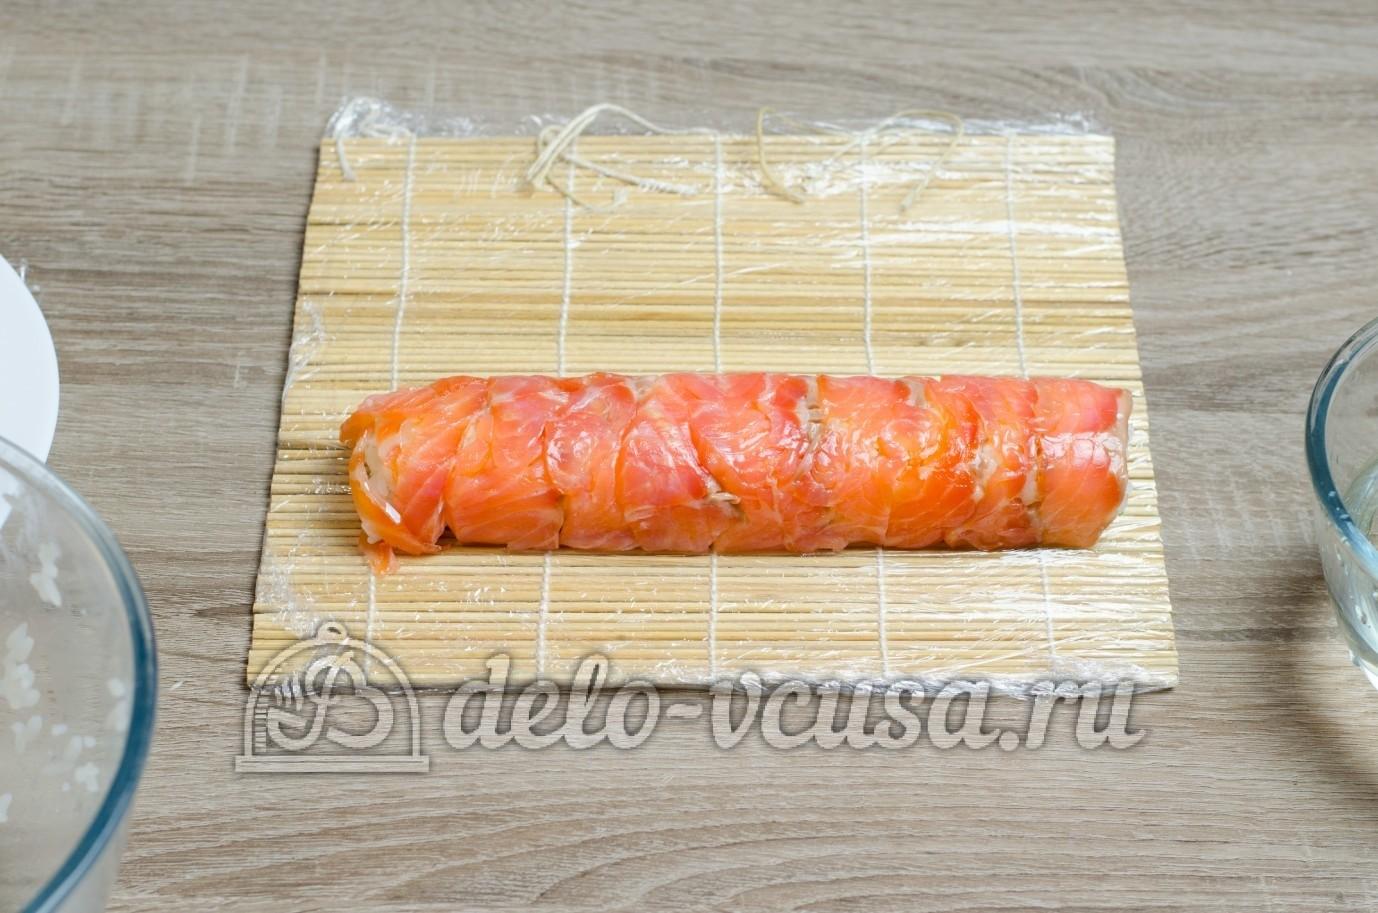 Запеченные роллы - как приготовить с соусом в домашних условиях по